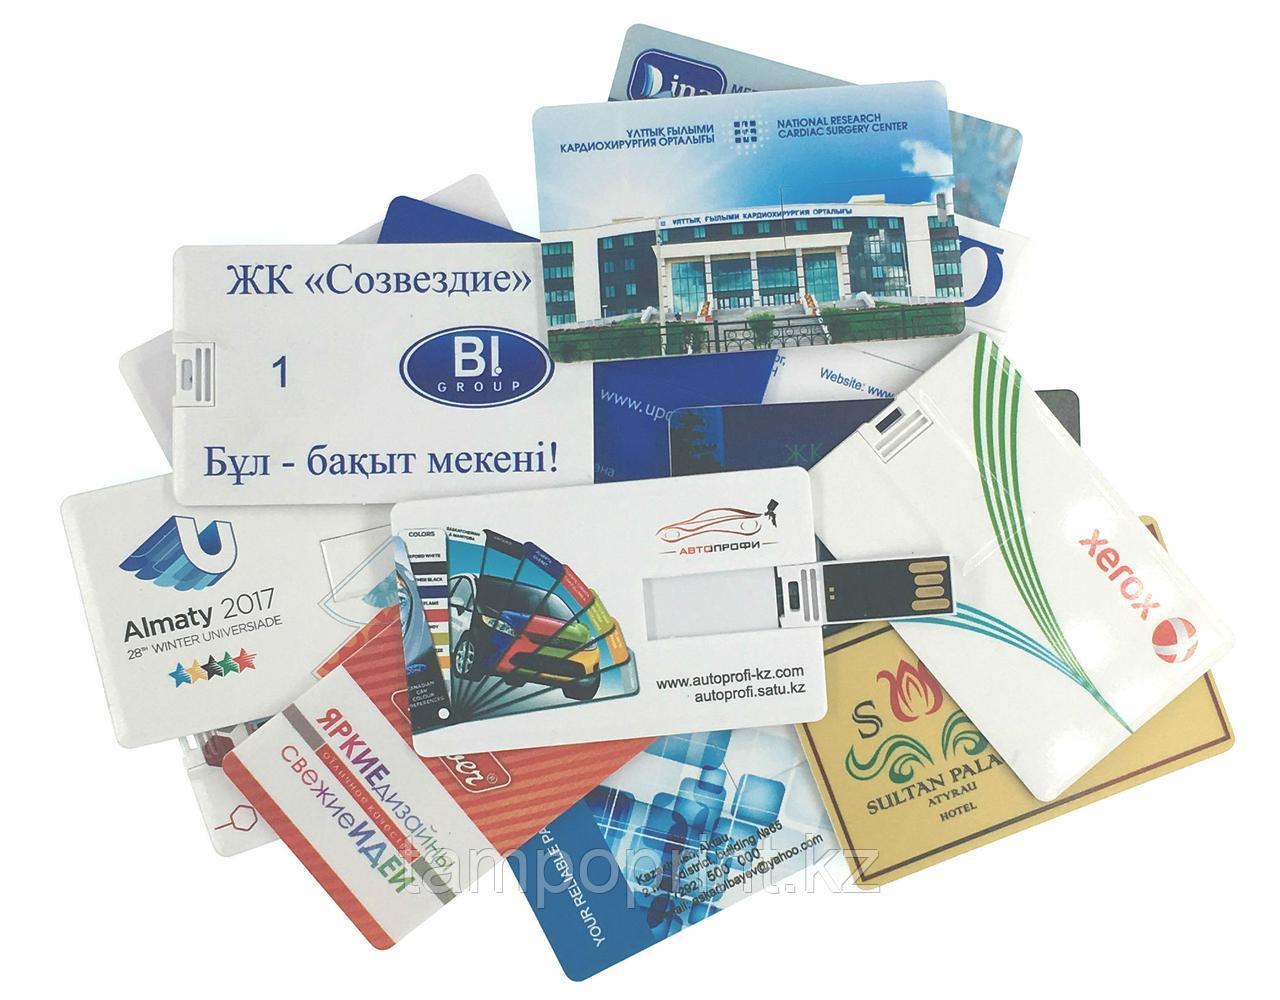 Флешка визитка (карточка) 2, 4, 8, 16, 32, 64 гб. Бесплатная доставка по РК.